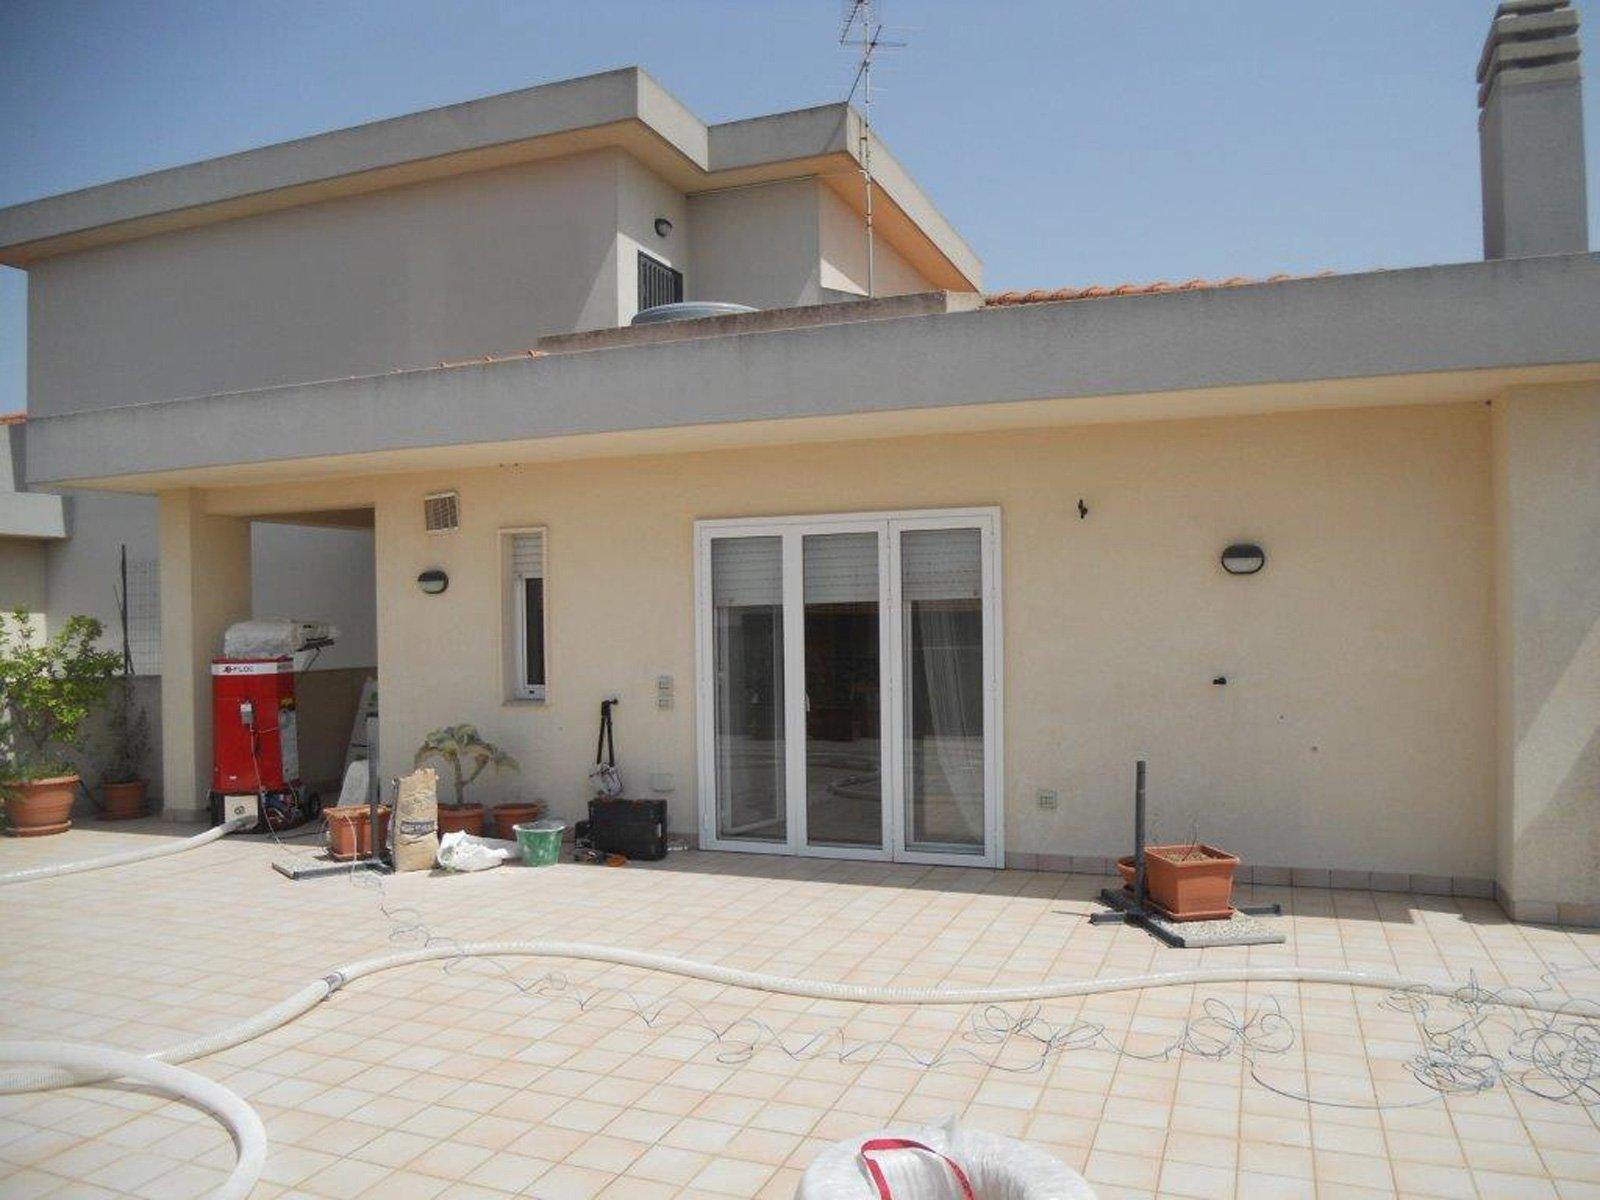 Isolamento termico come ridurre i consumi energetici in casa cose di casa - Colori da esterno ...